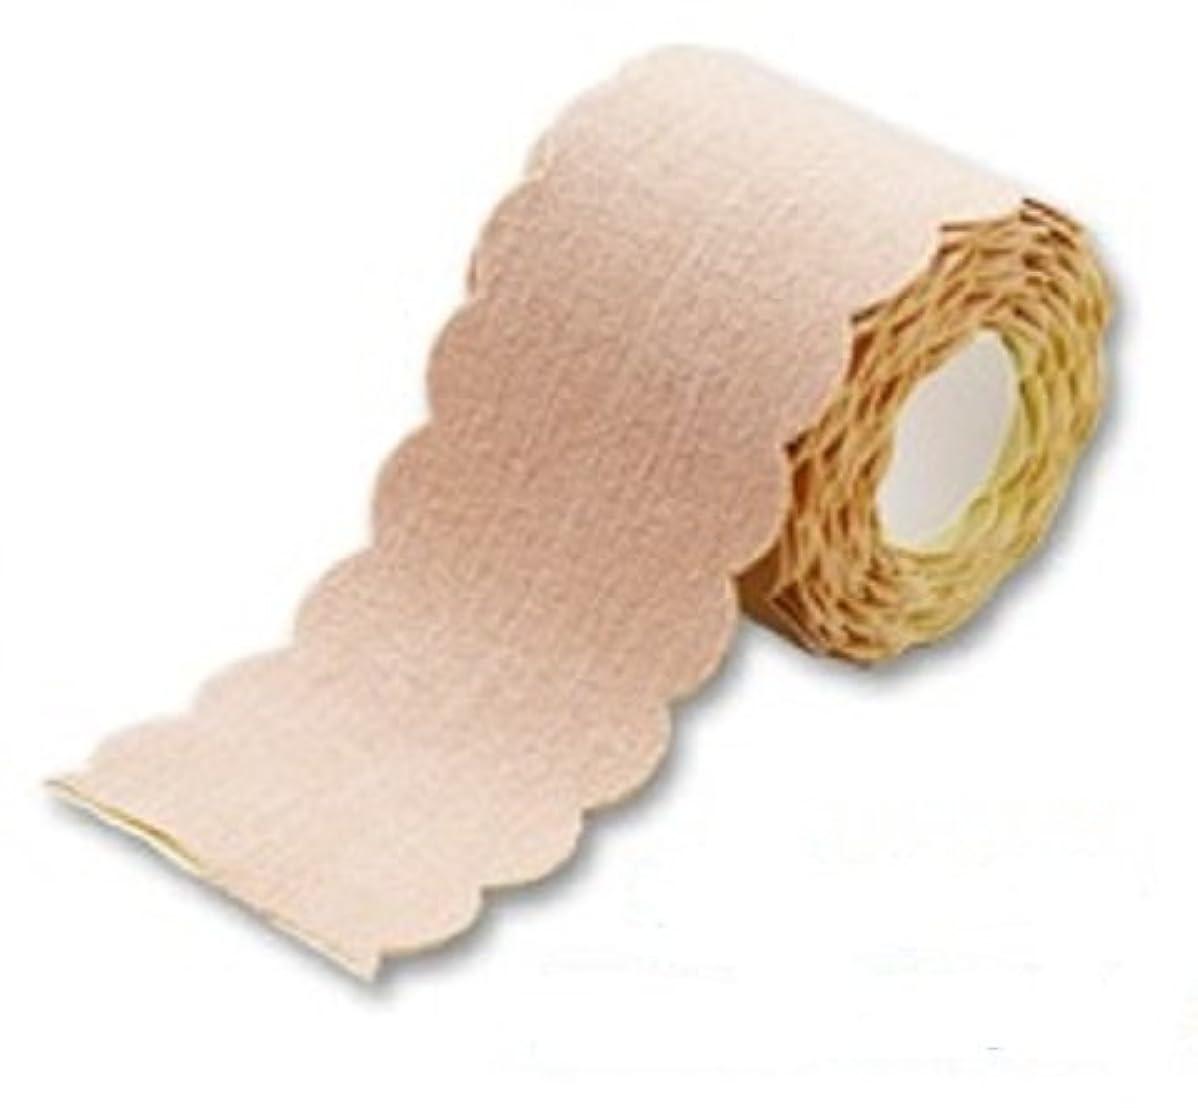 灰分散習字汗取りパッド ワキに直接貼る汗とりシート ロールタイプ 3m 直接貼るからズレない?汗シート